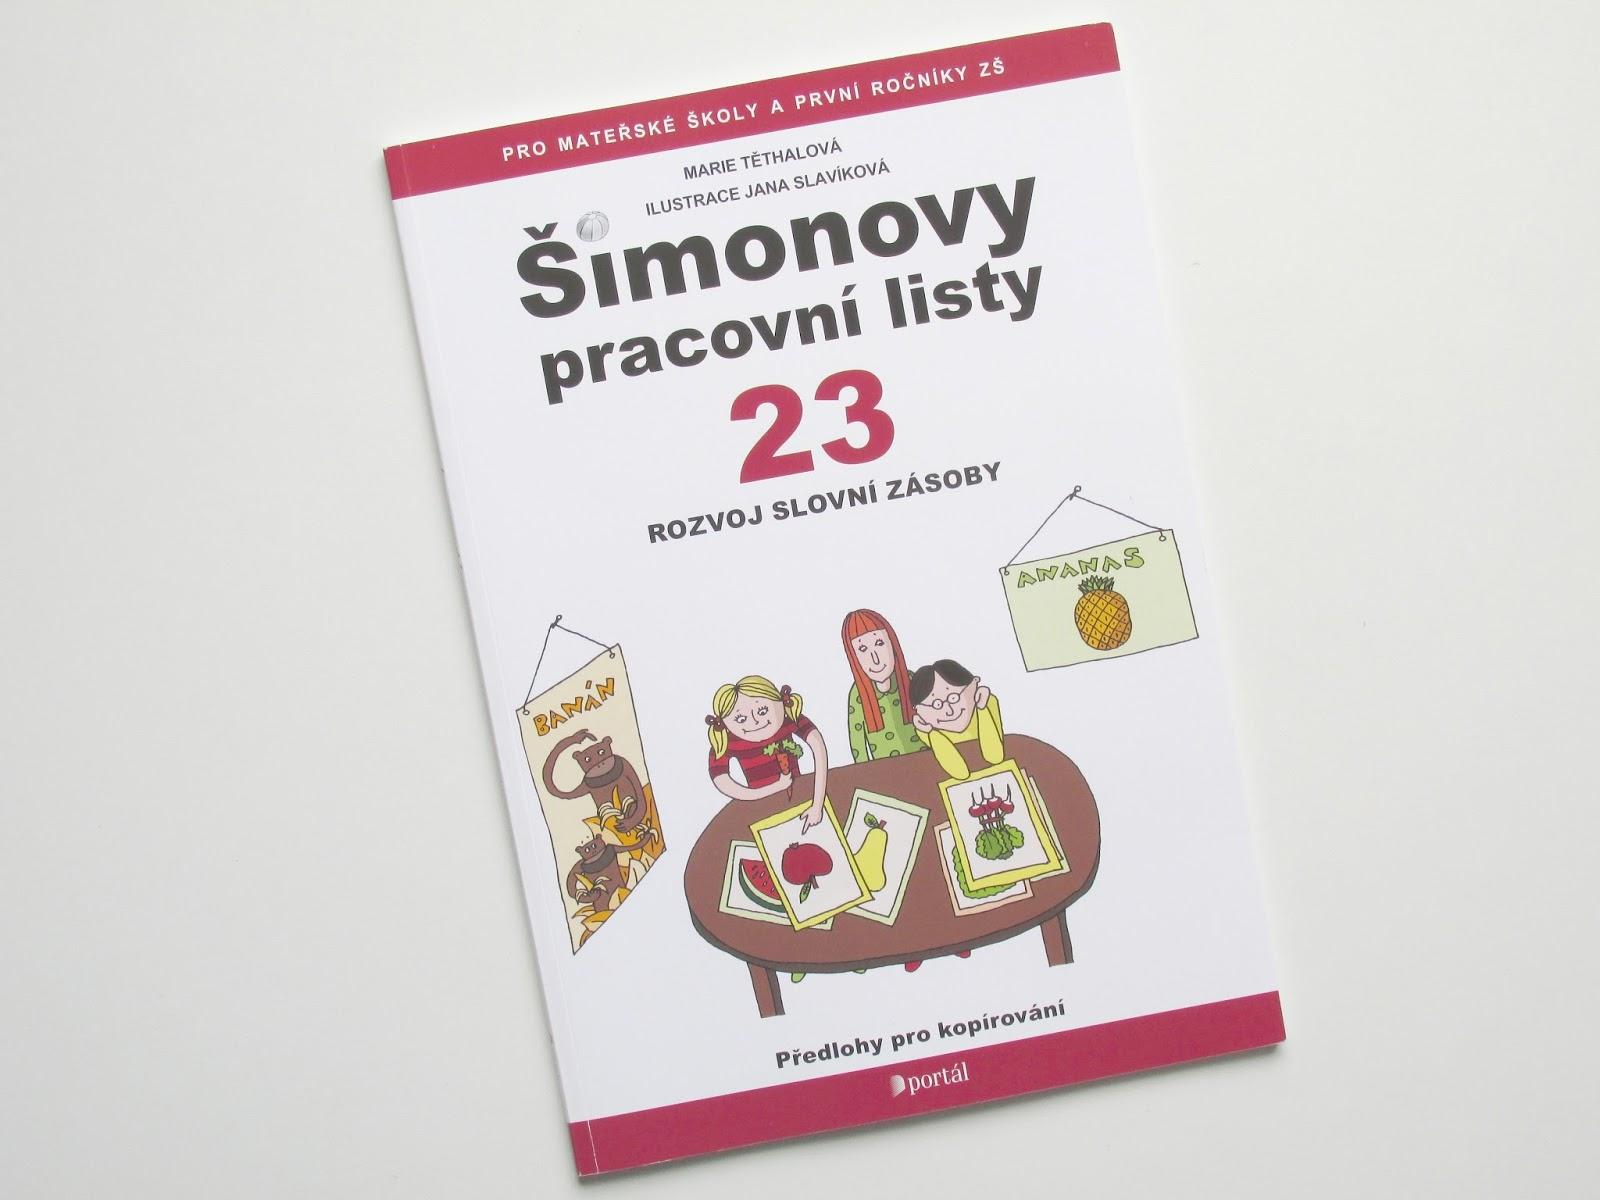 Zivot Podle Karol Ucime Se Simonovy Pracovni Listy C 23